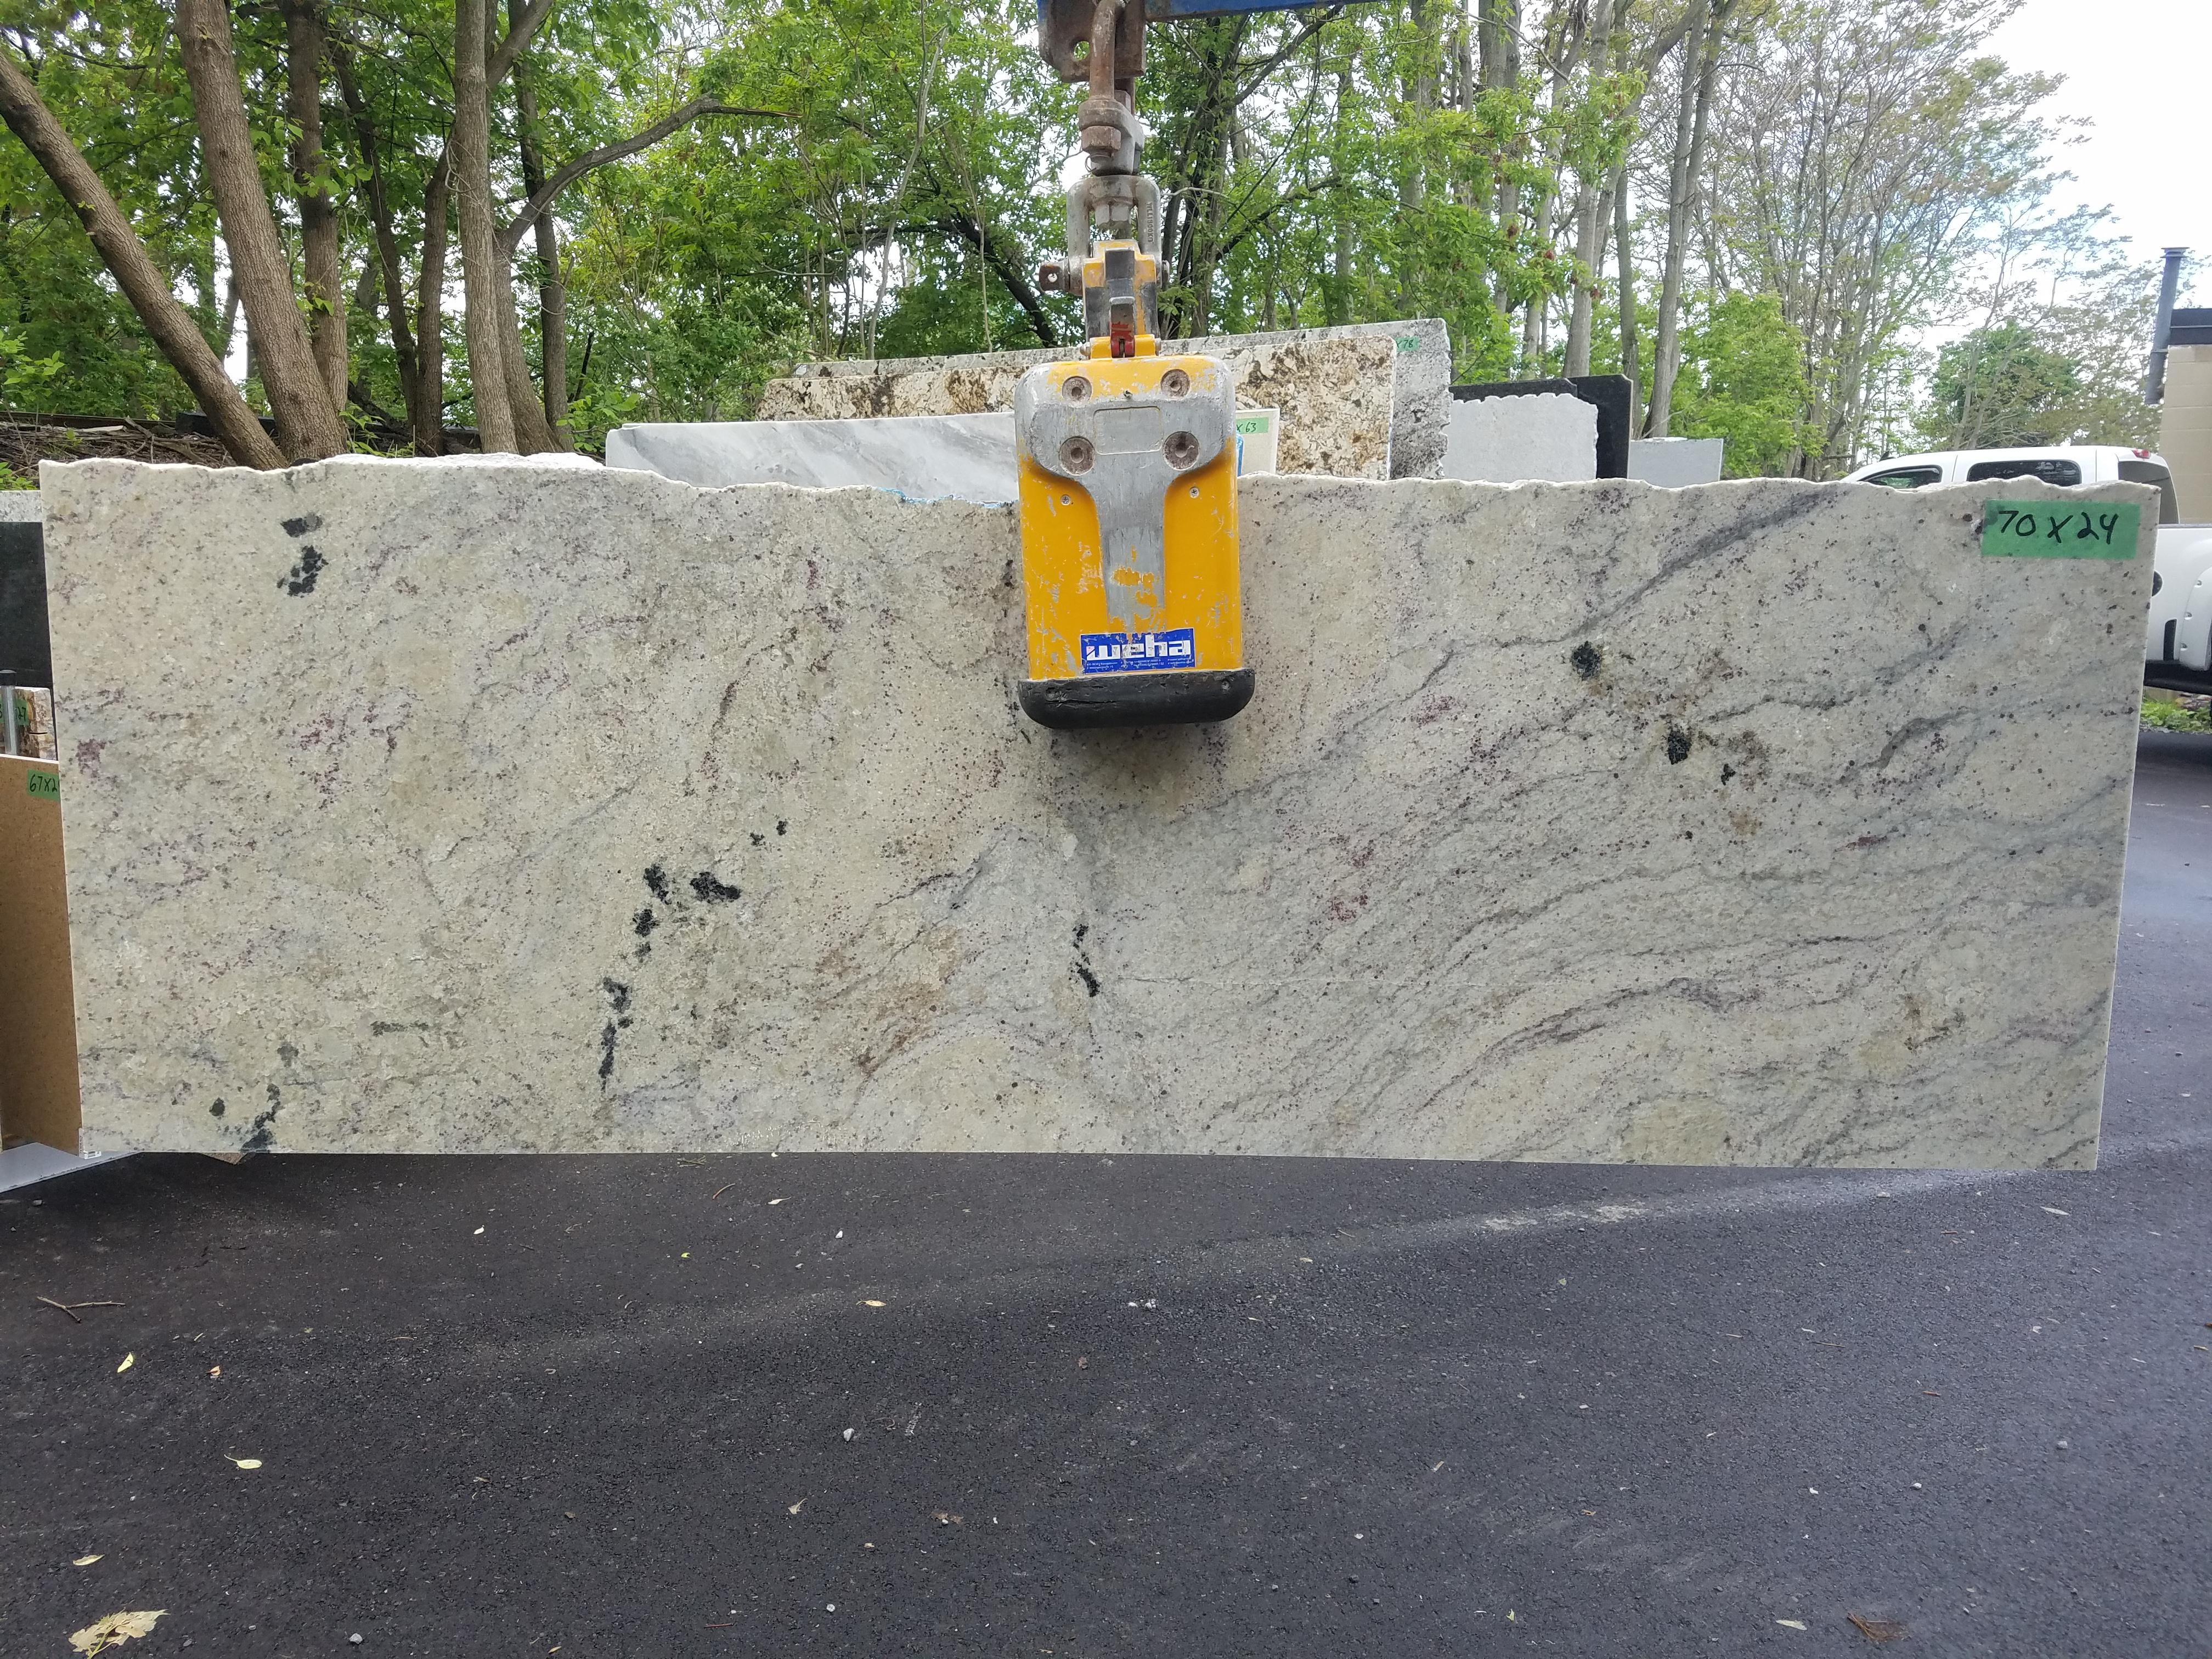 Granite 22 - 70 x 24